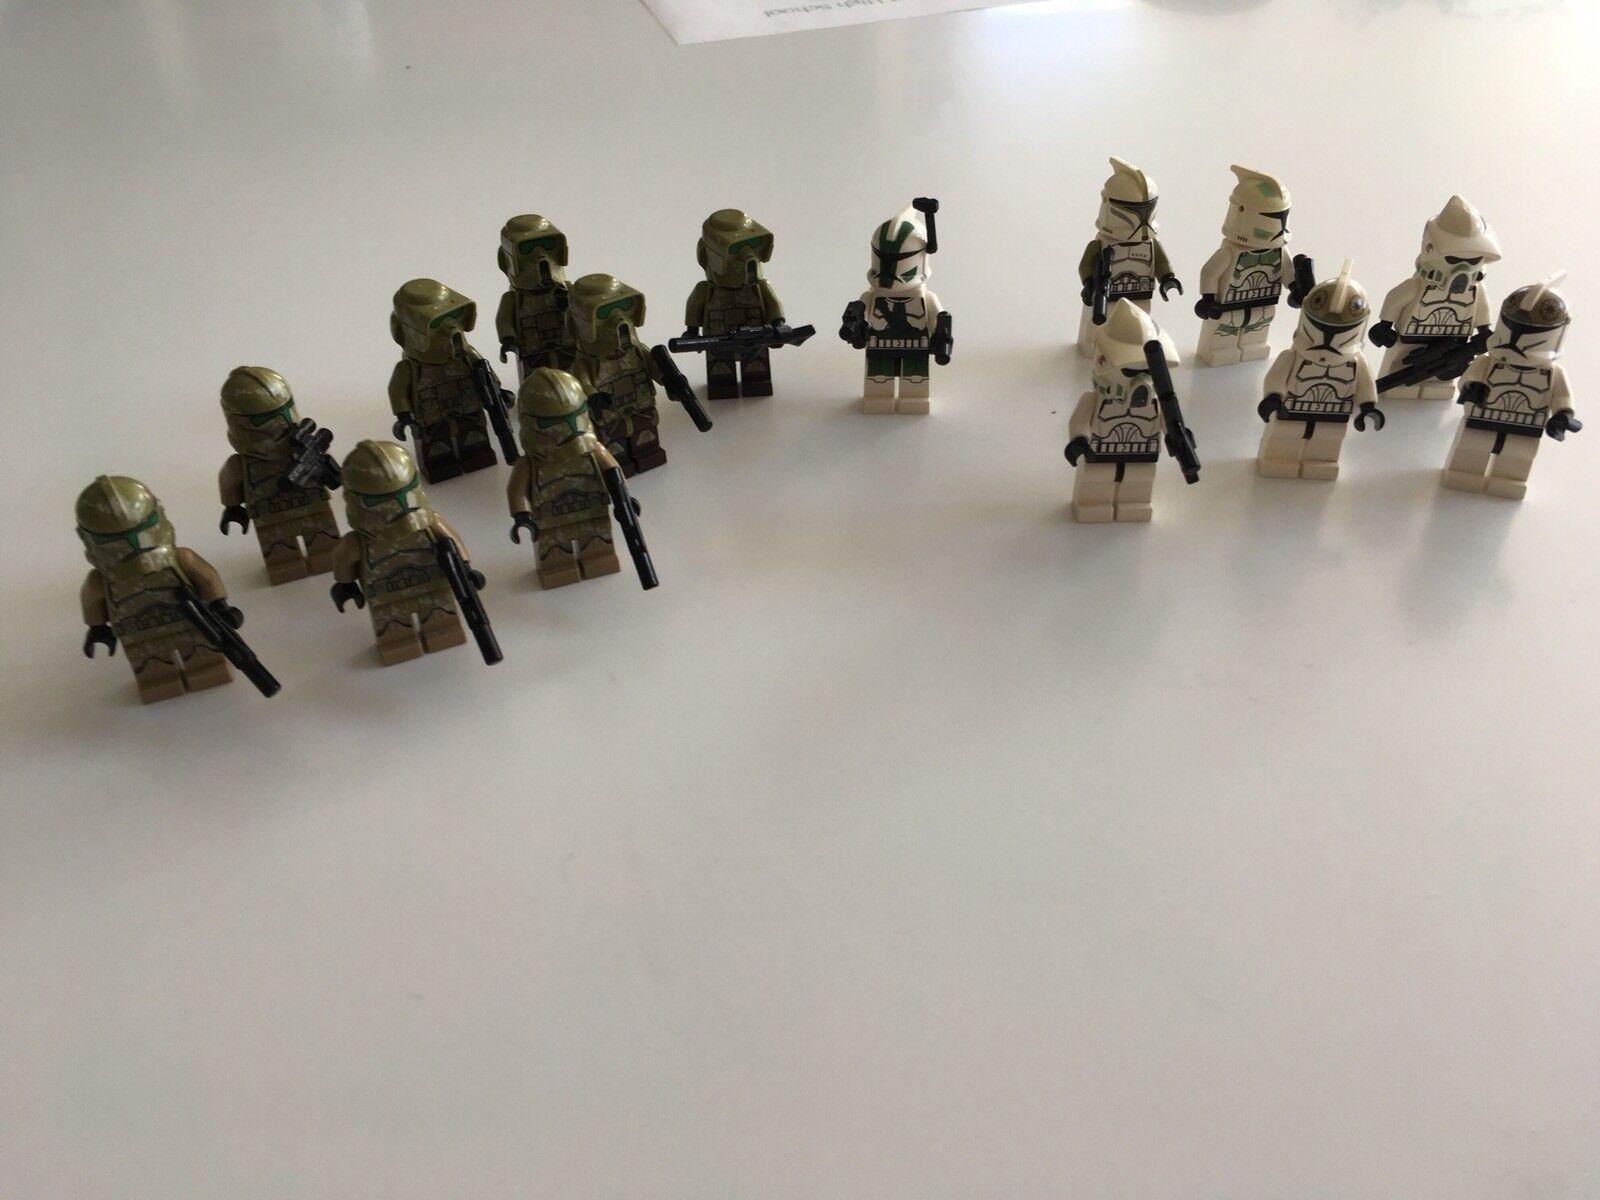 Lego Job Lot Minifigures Rare Spares Mini Figure Starwars Star Wars Storm x15